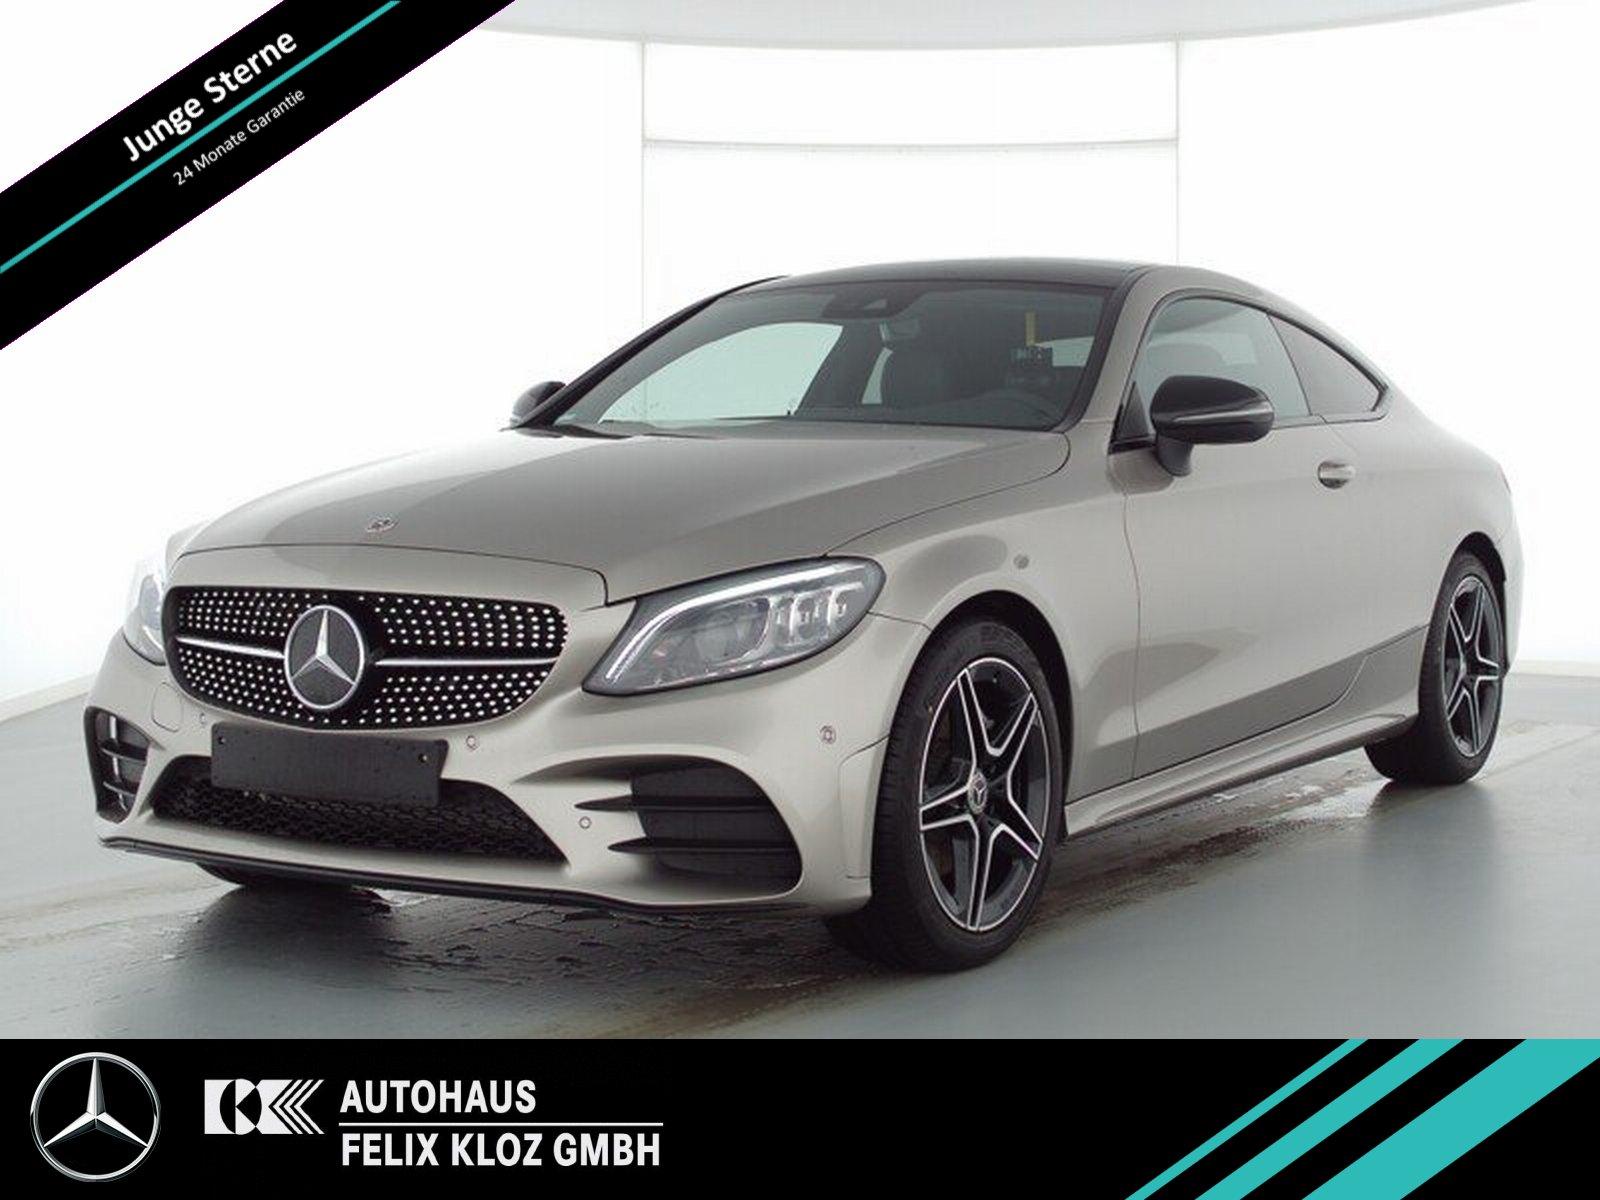 Mercedes-Benz C 200 AMG Night Oano Assistenz Kamera Multibeam, Jahr 2020, Benzin